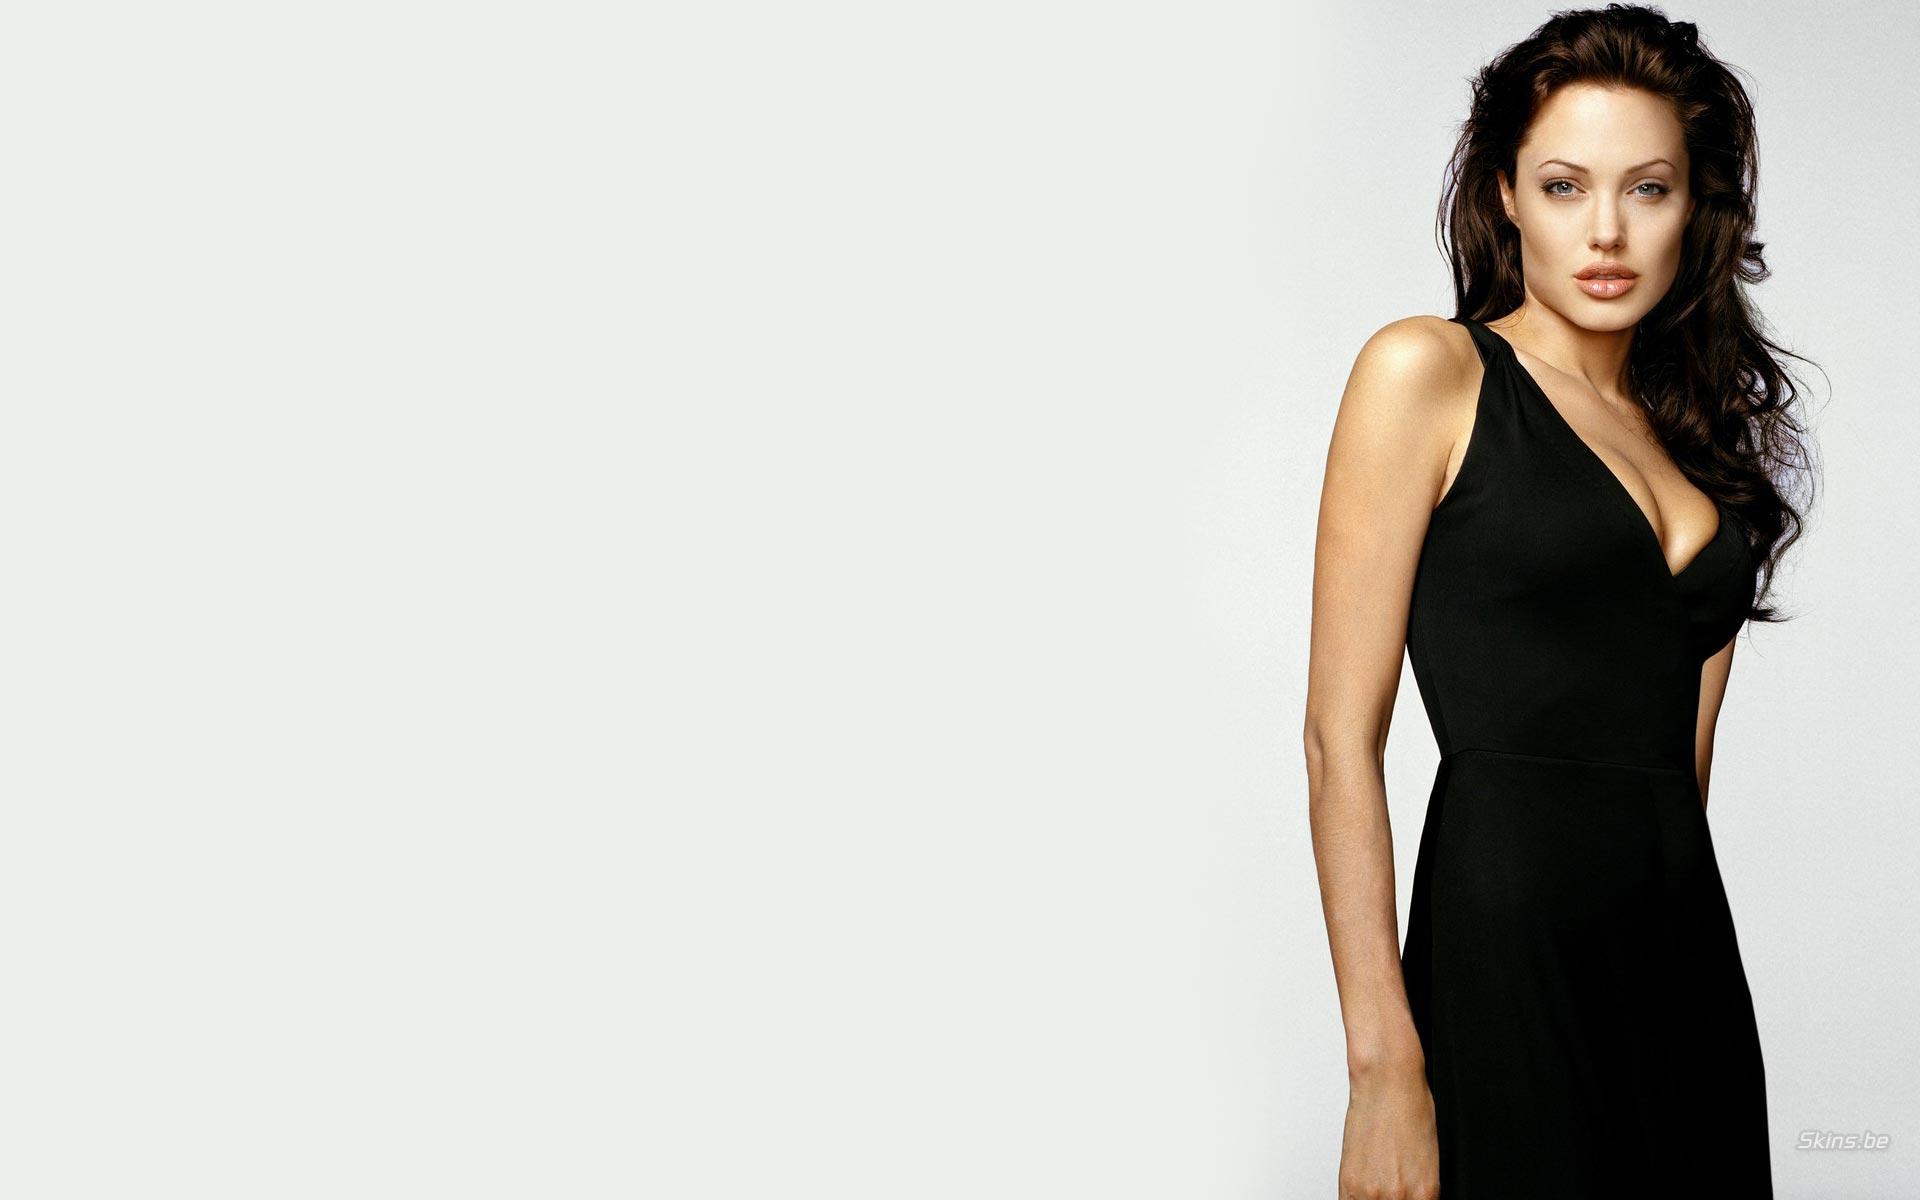 Angelina jolie black dress photoshoot images